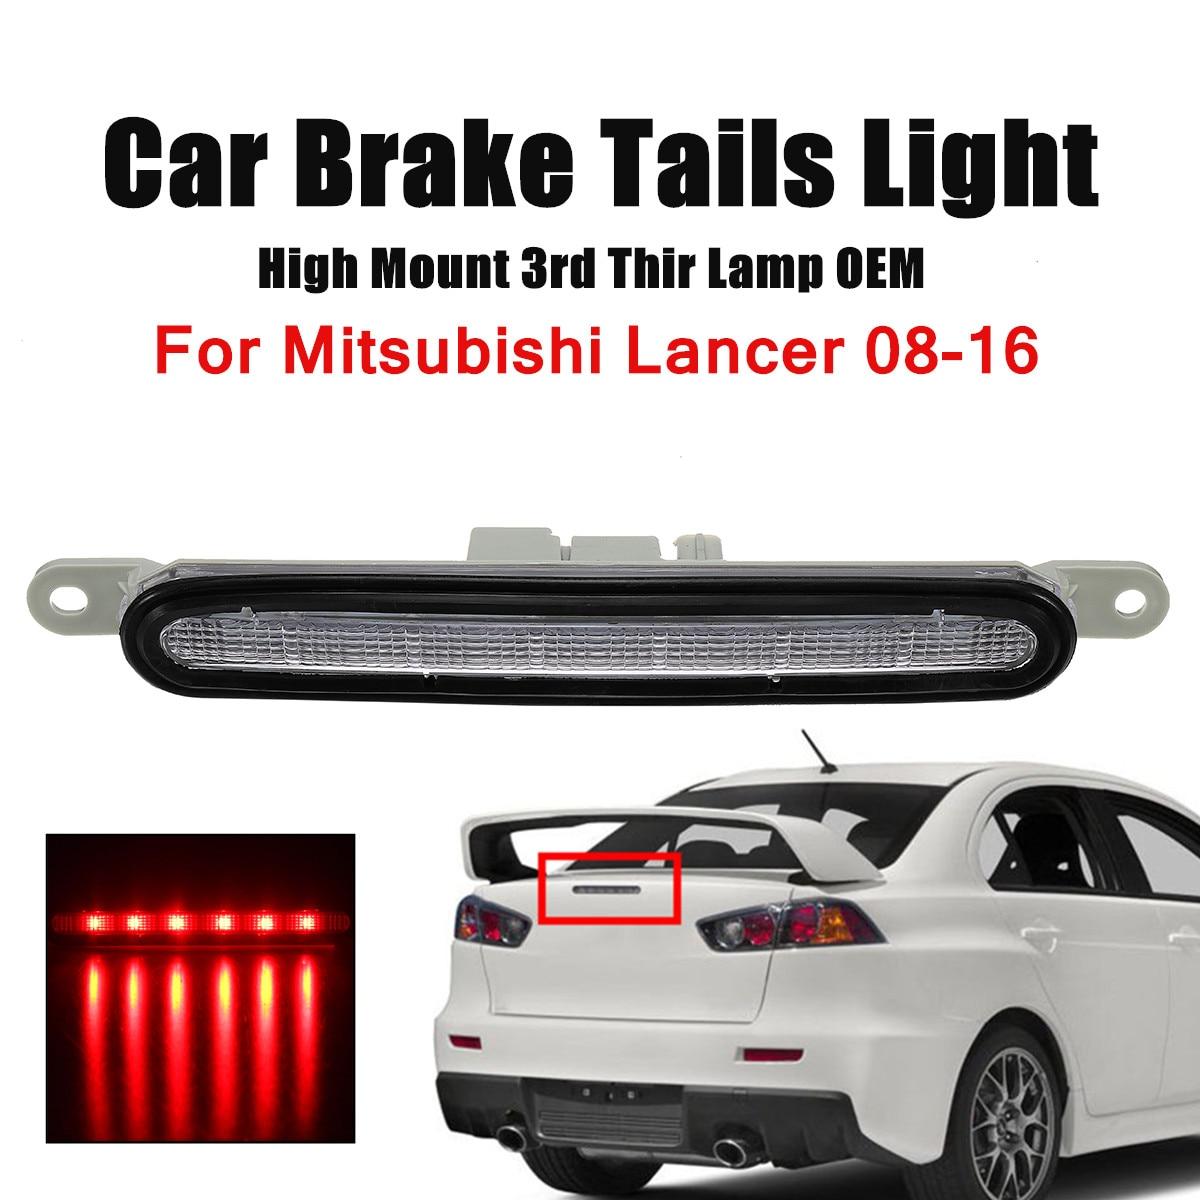 Red Car Brake Tail Lit Trunk Lid Mount 3rd Lamp For Mitsubishi Lancer Security